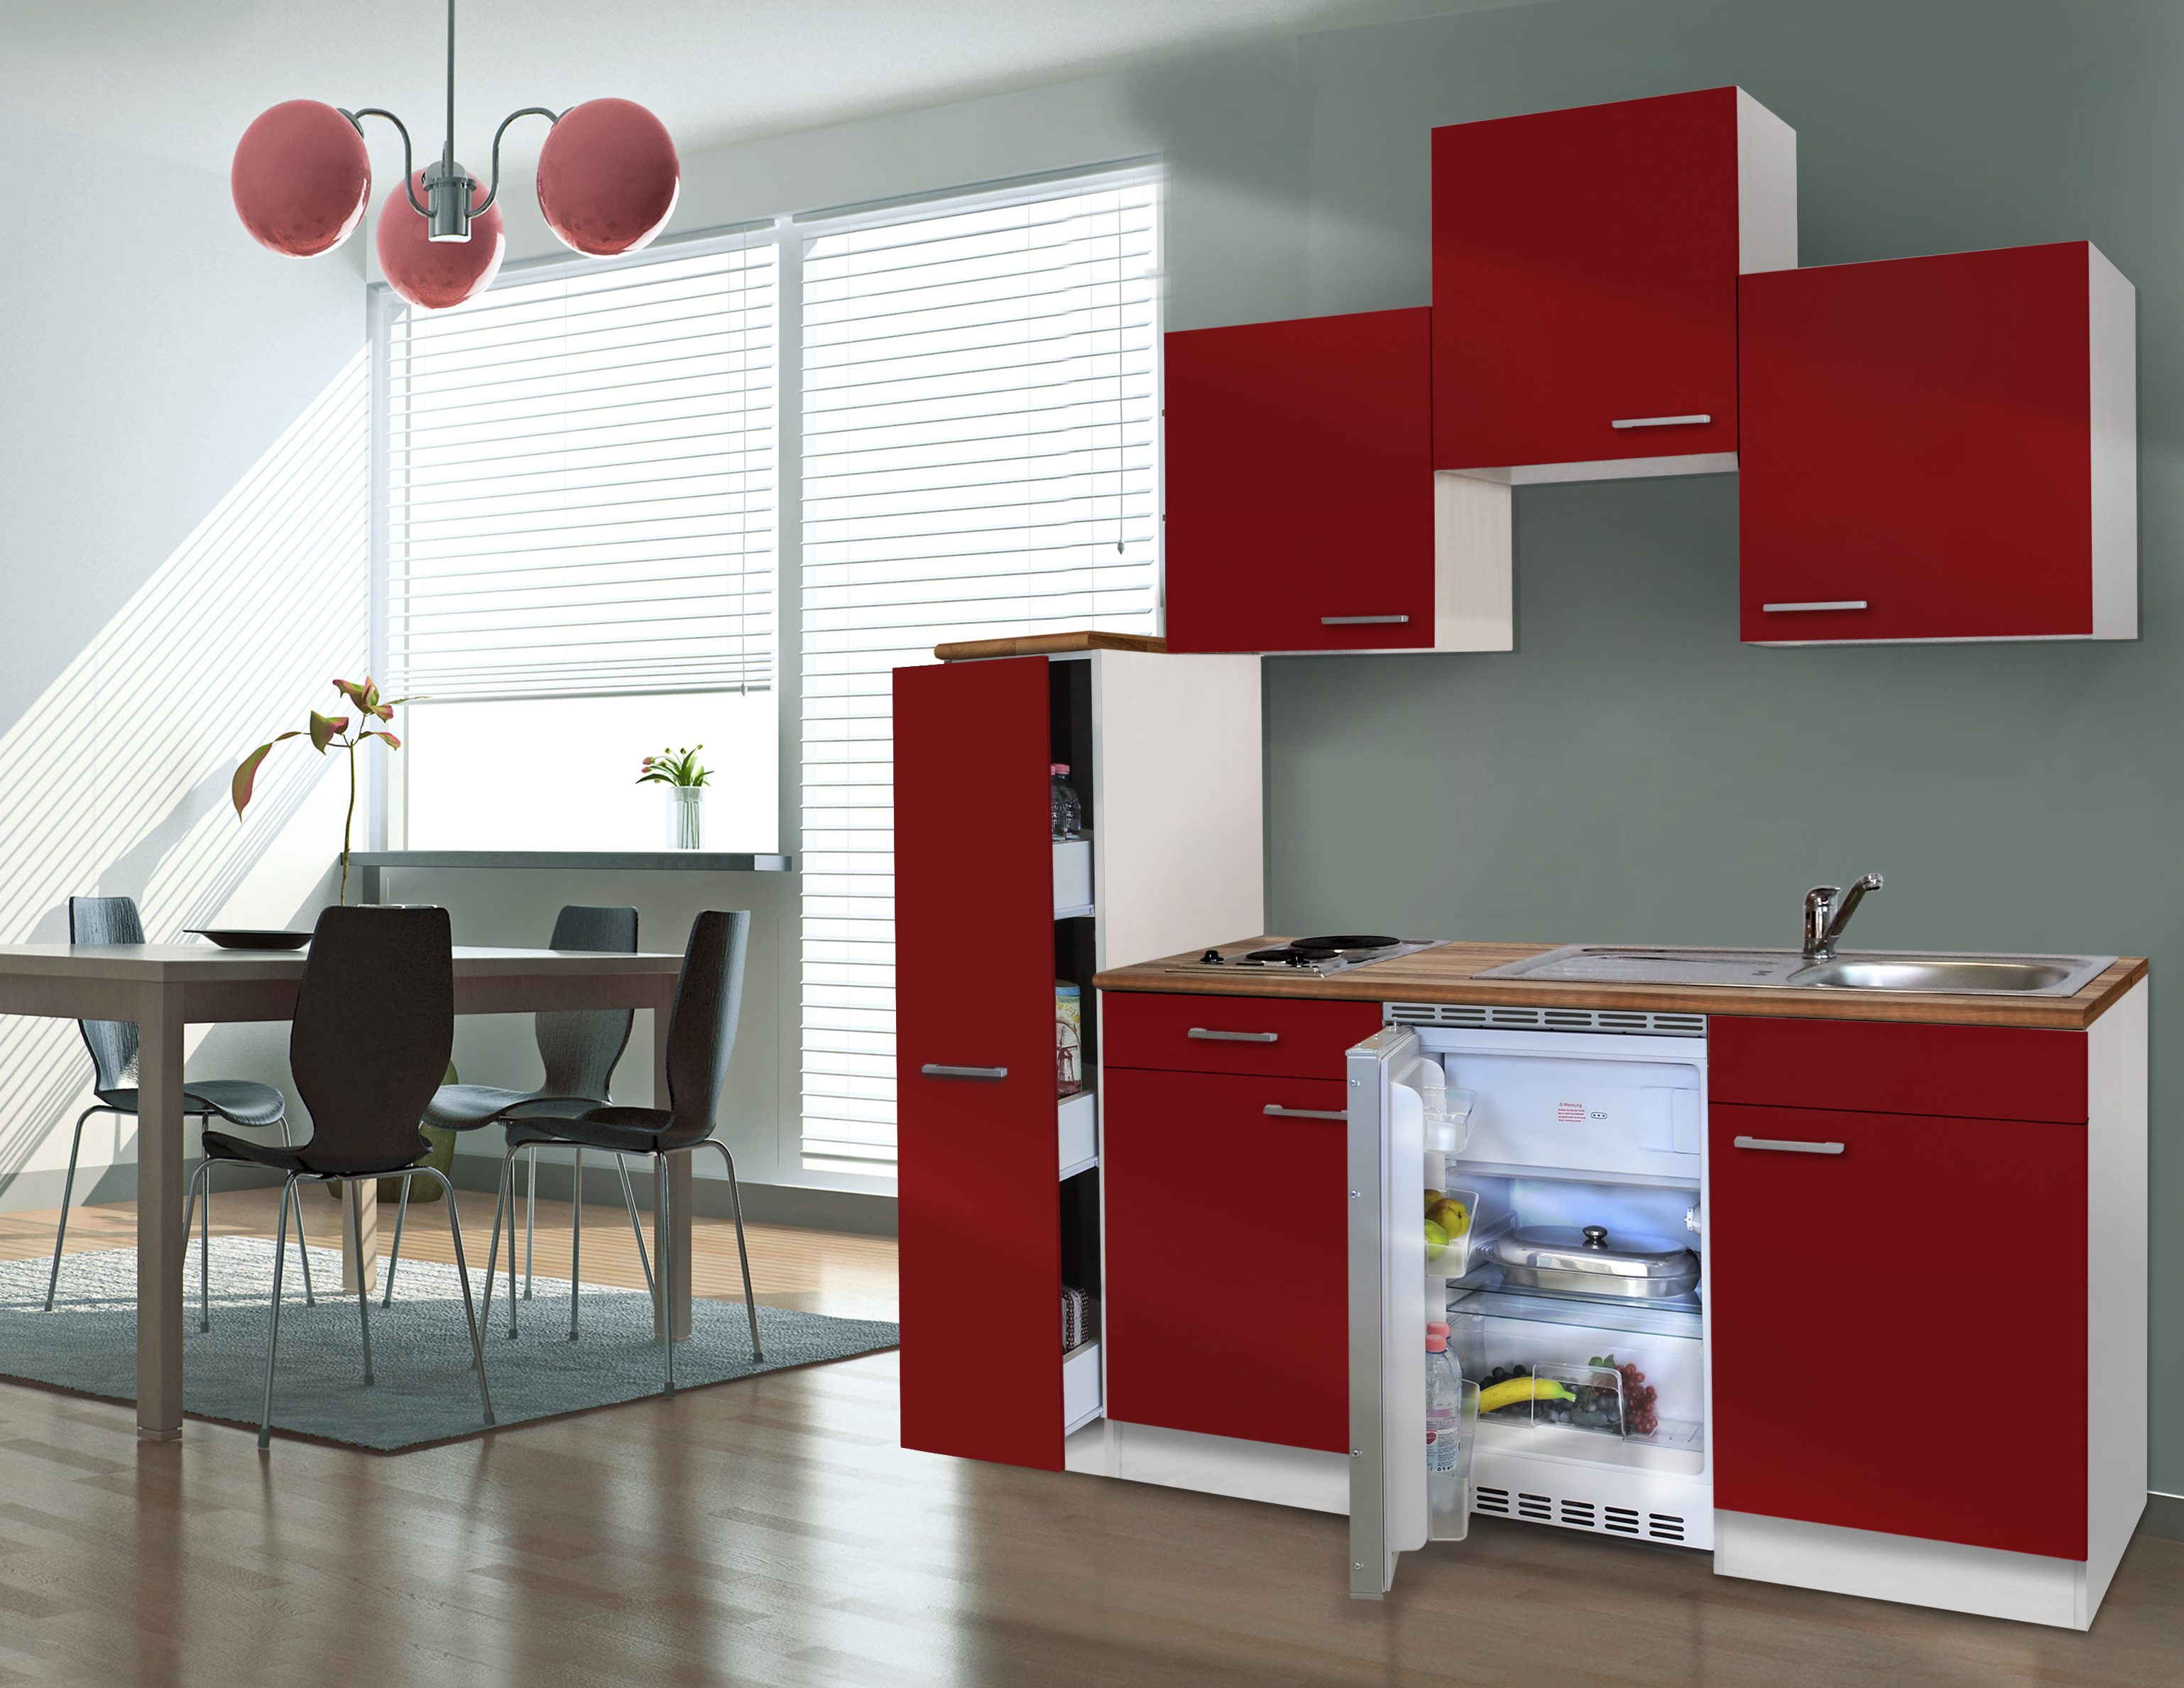 respekta Küche Singleküche Küchenzeile Küchenblock Miniküche 180 cm weiß rot